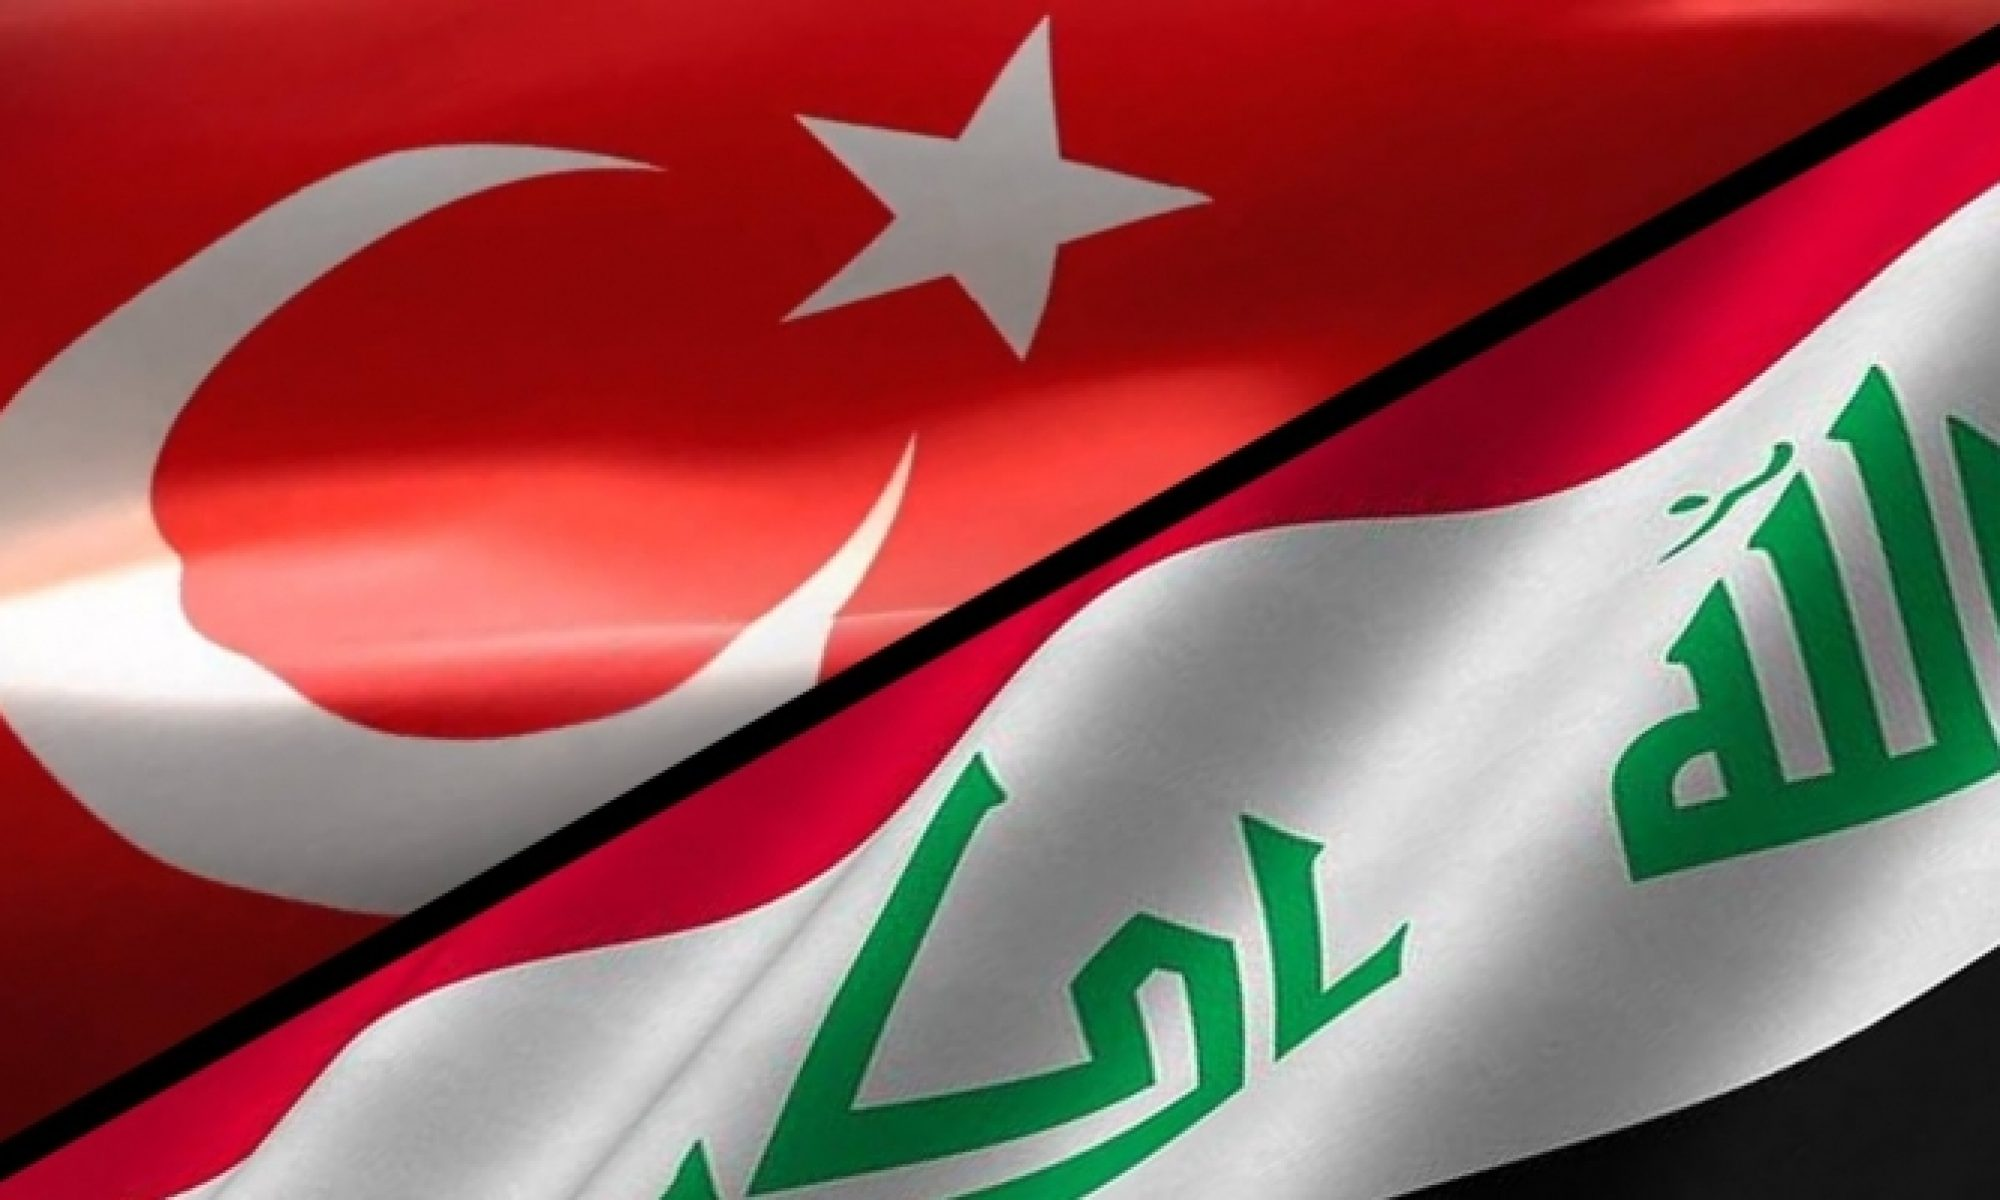 Türk Dış İlişkileri Bakanlığından Irakla gerginliğe dönük açıklama Peşmerge, Irak Sınır Muhafızları, Kürdistan, Bradost, Sidekan